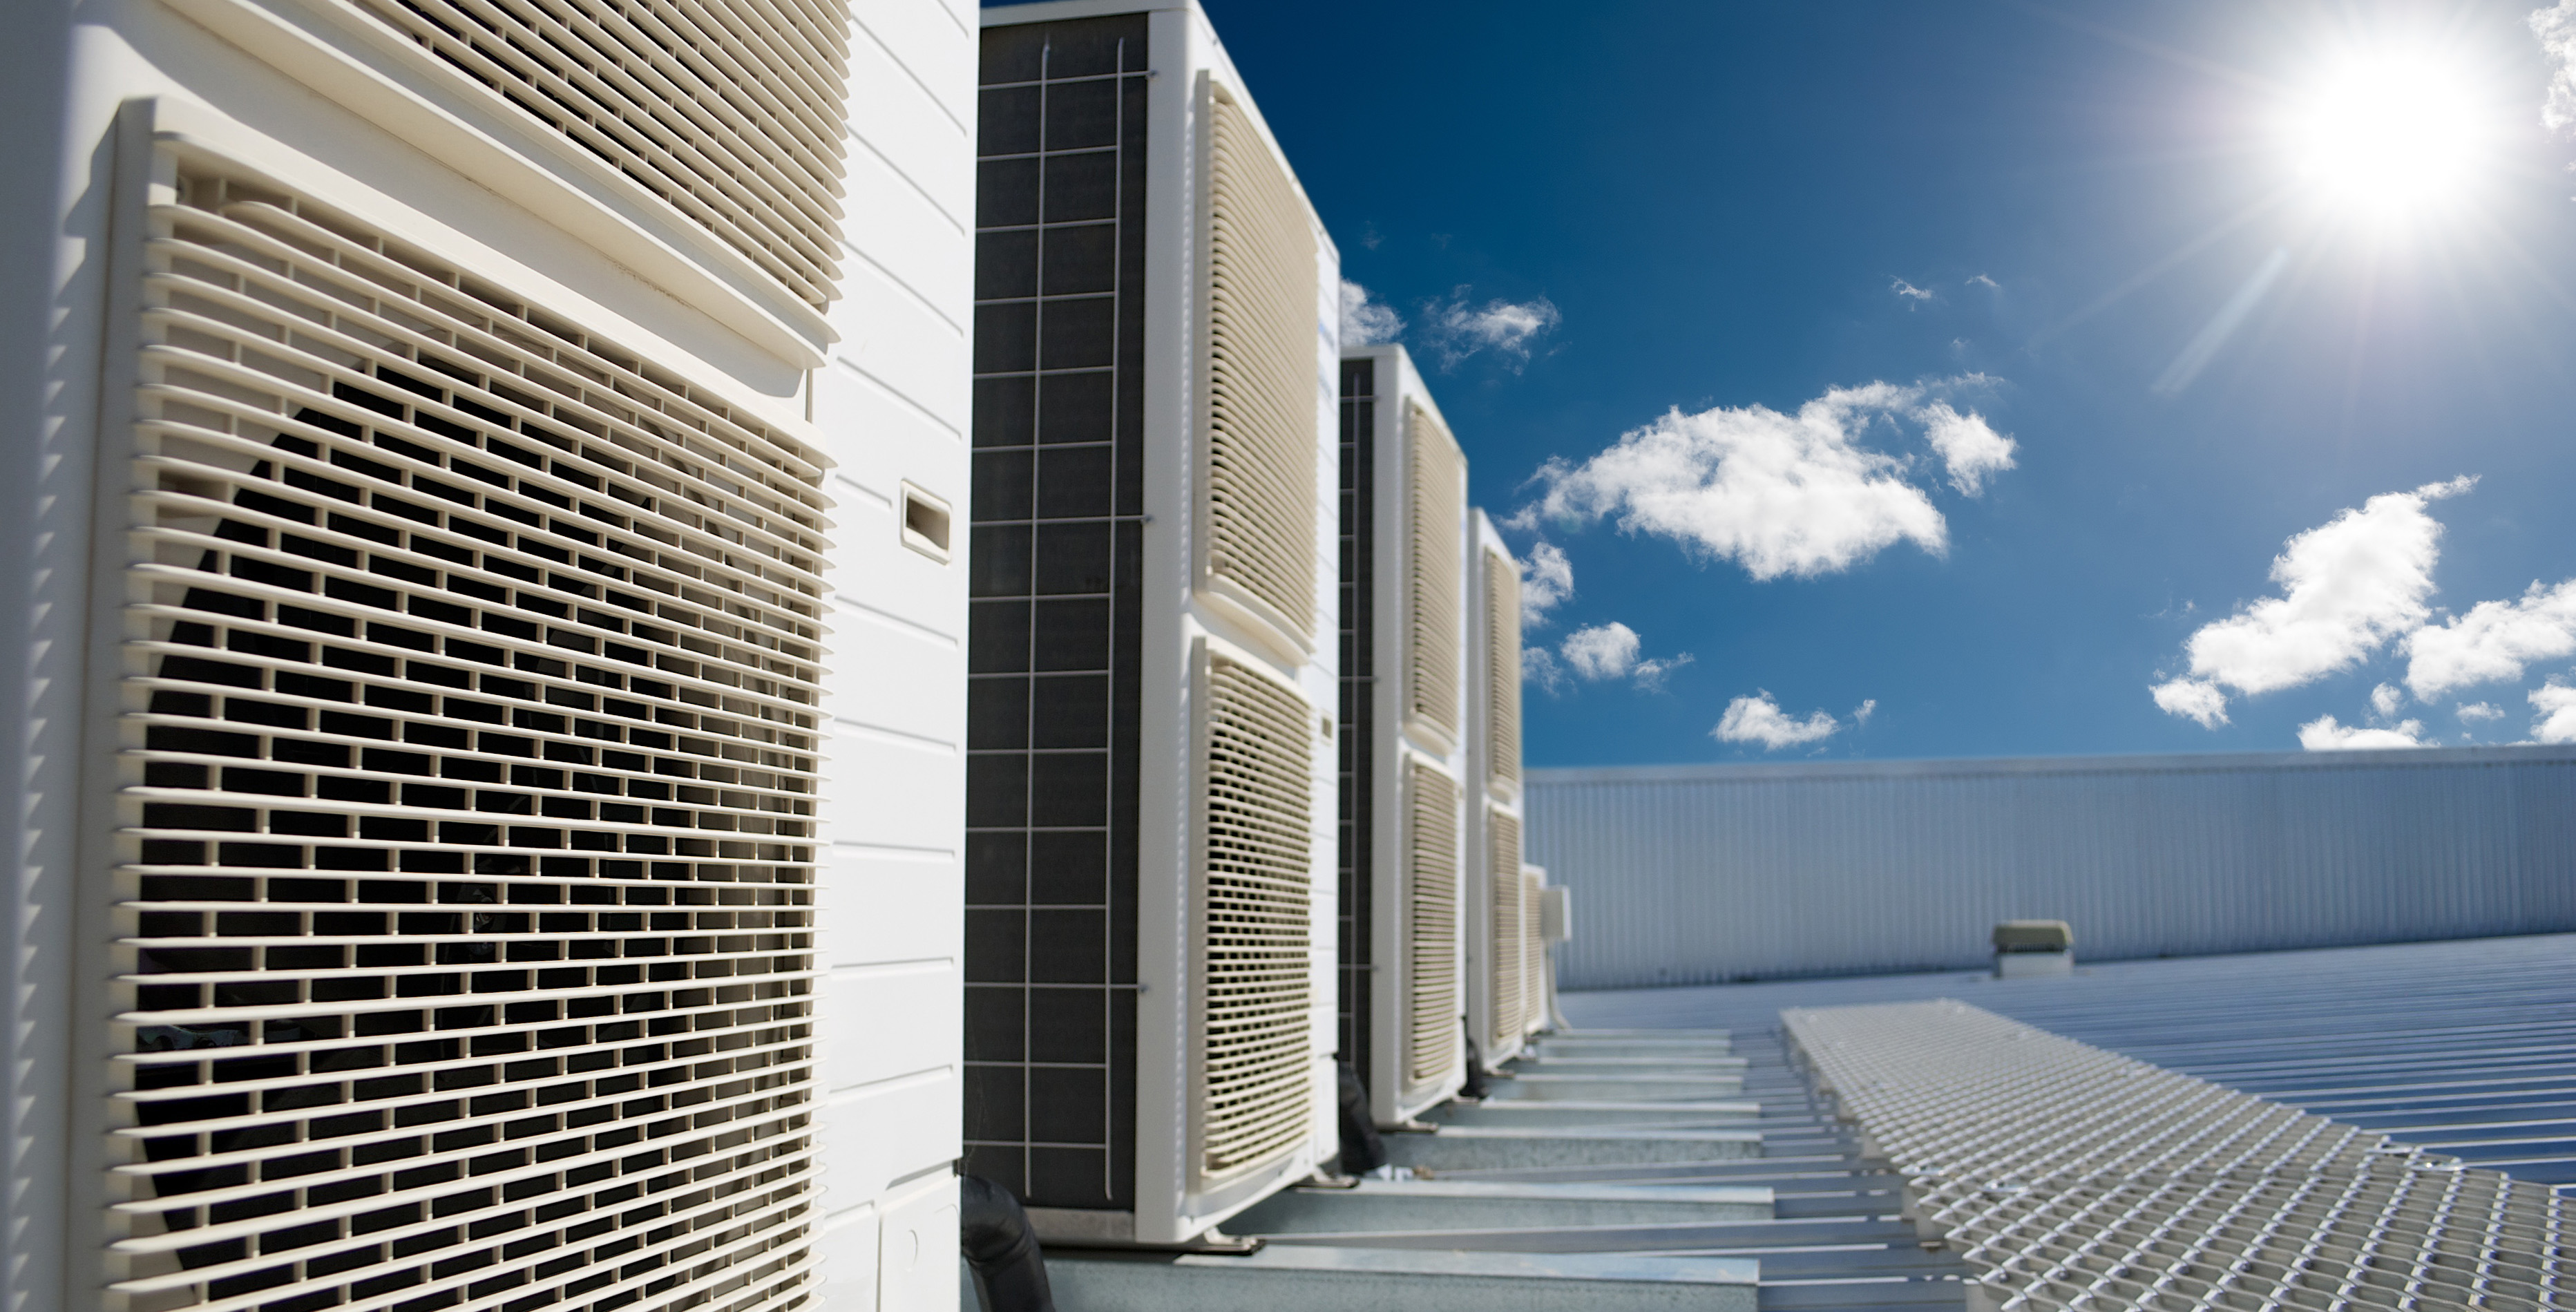 Installation de climatisation pompe chaleur et climatiseur tours - Installation clim reversible ...